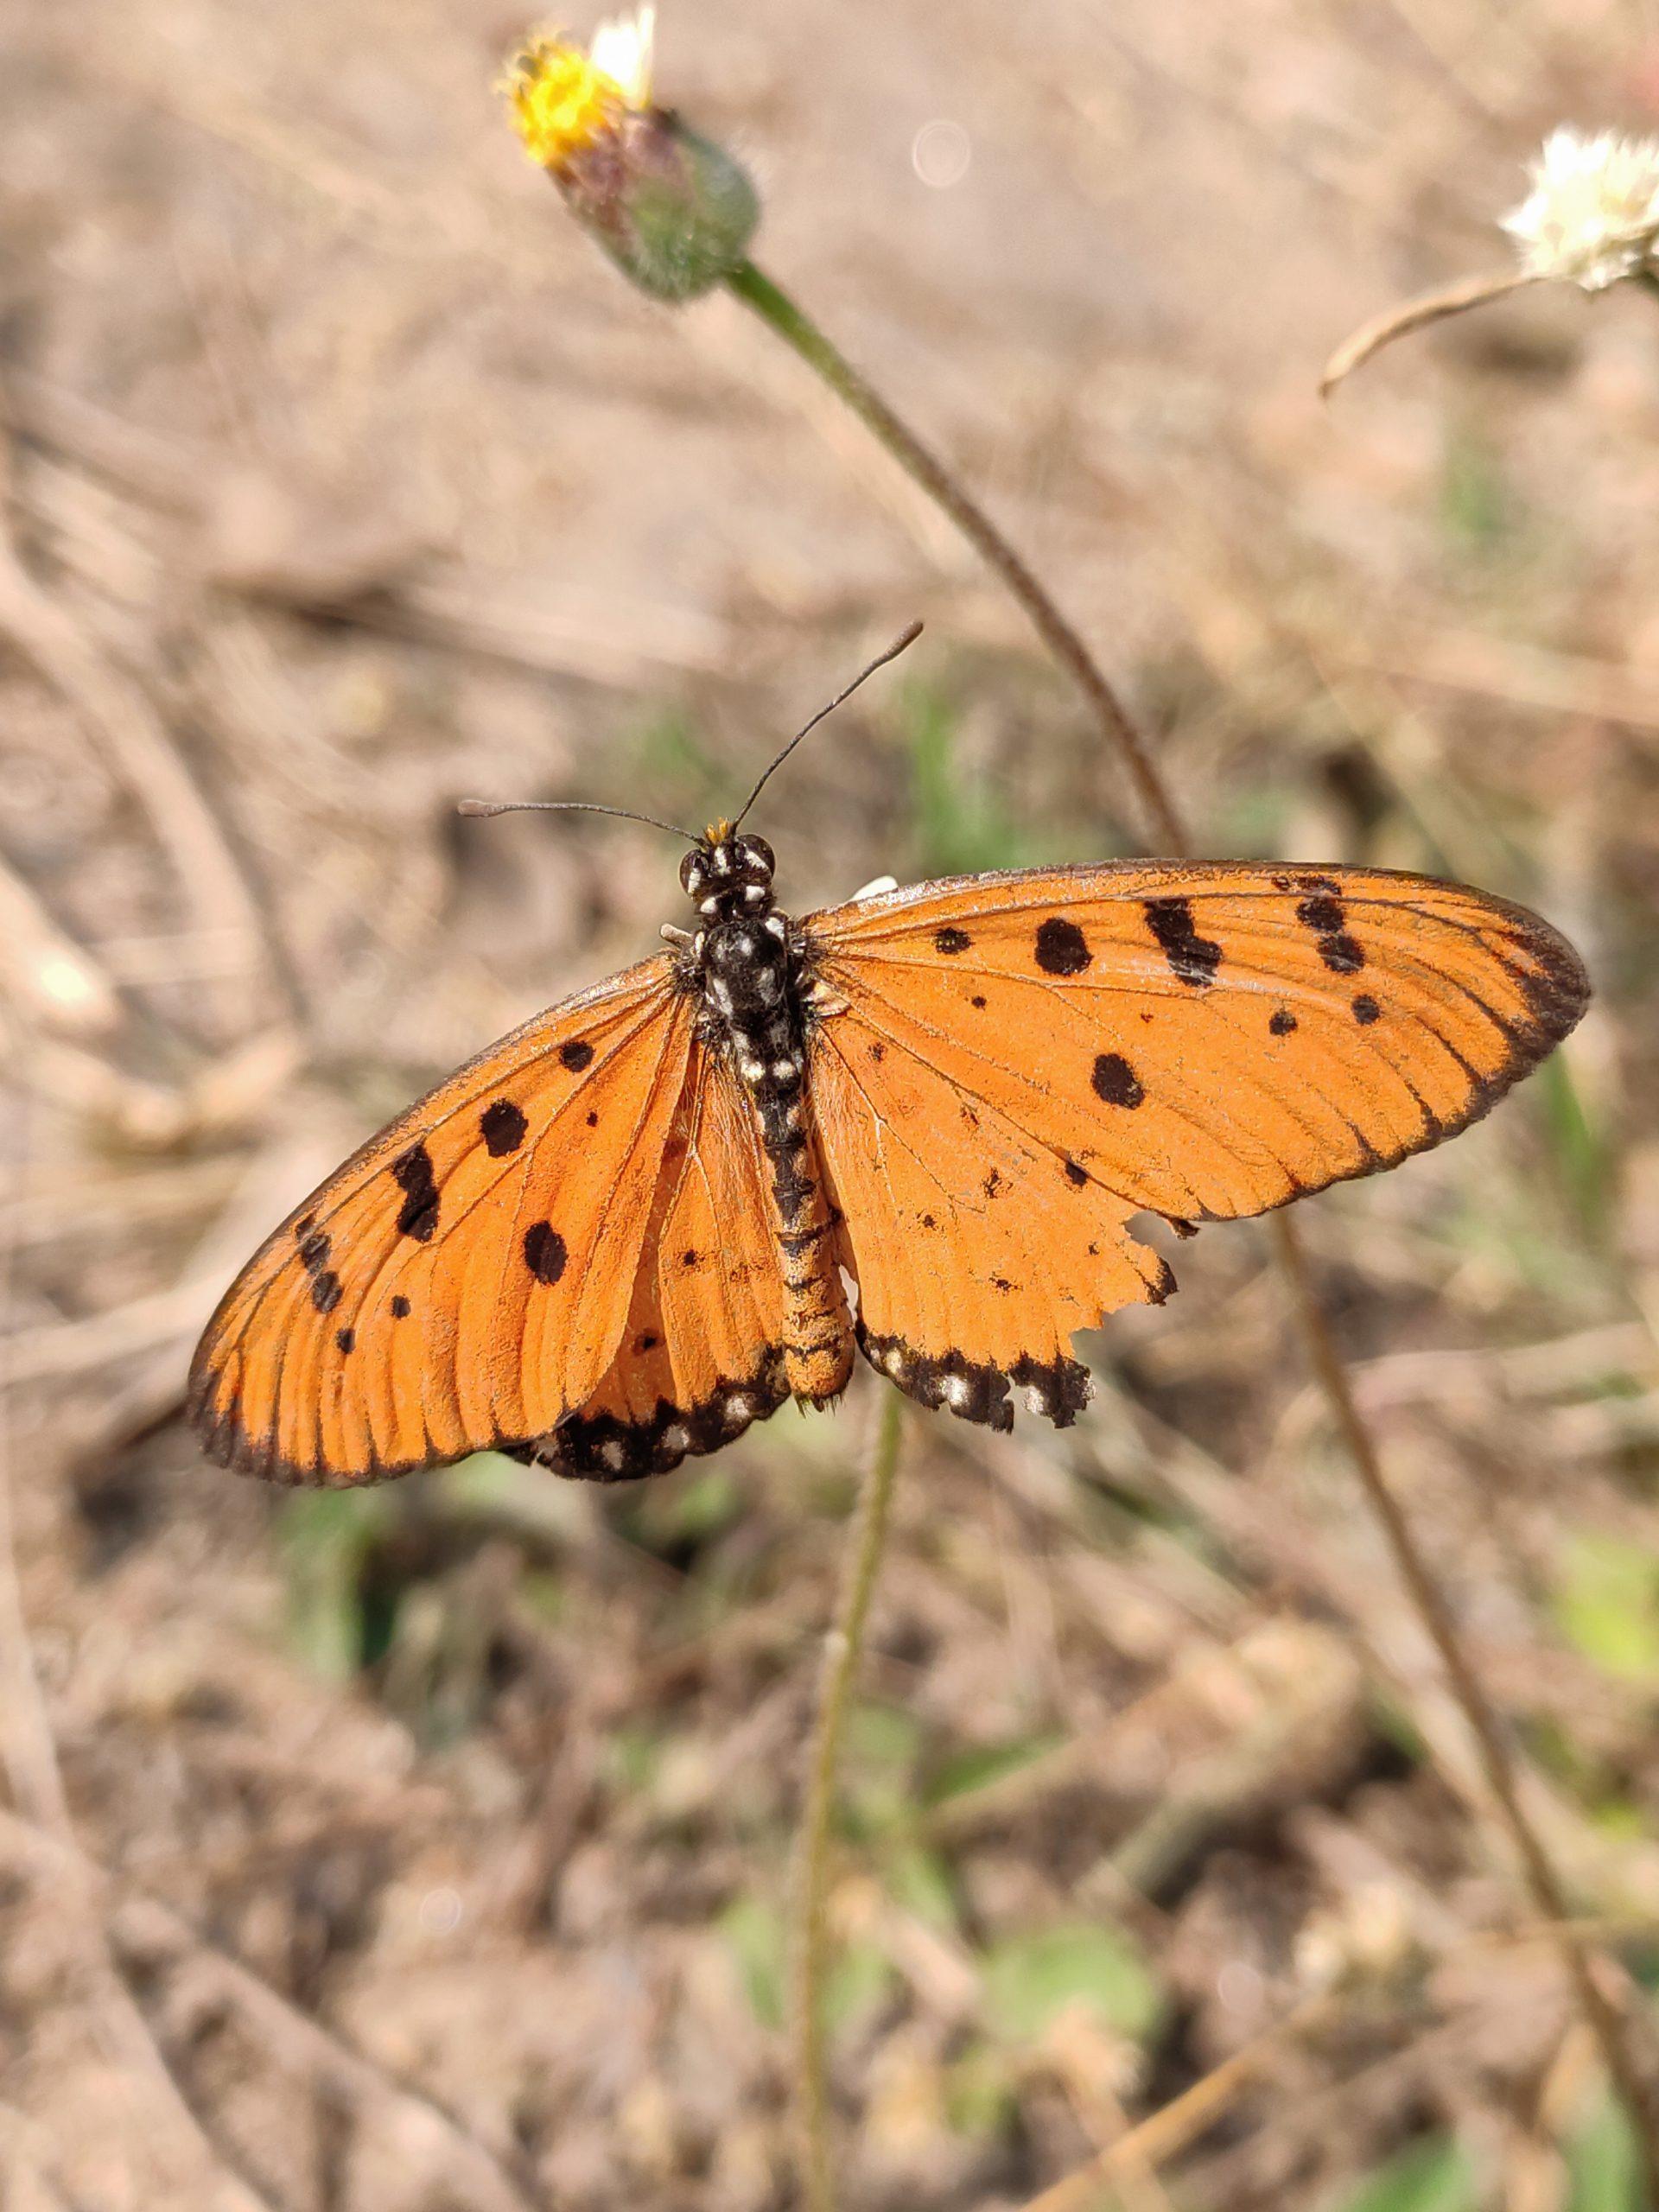 A butterfly on flower bud